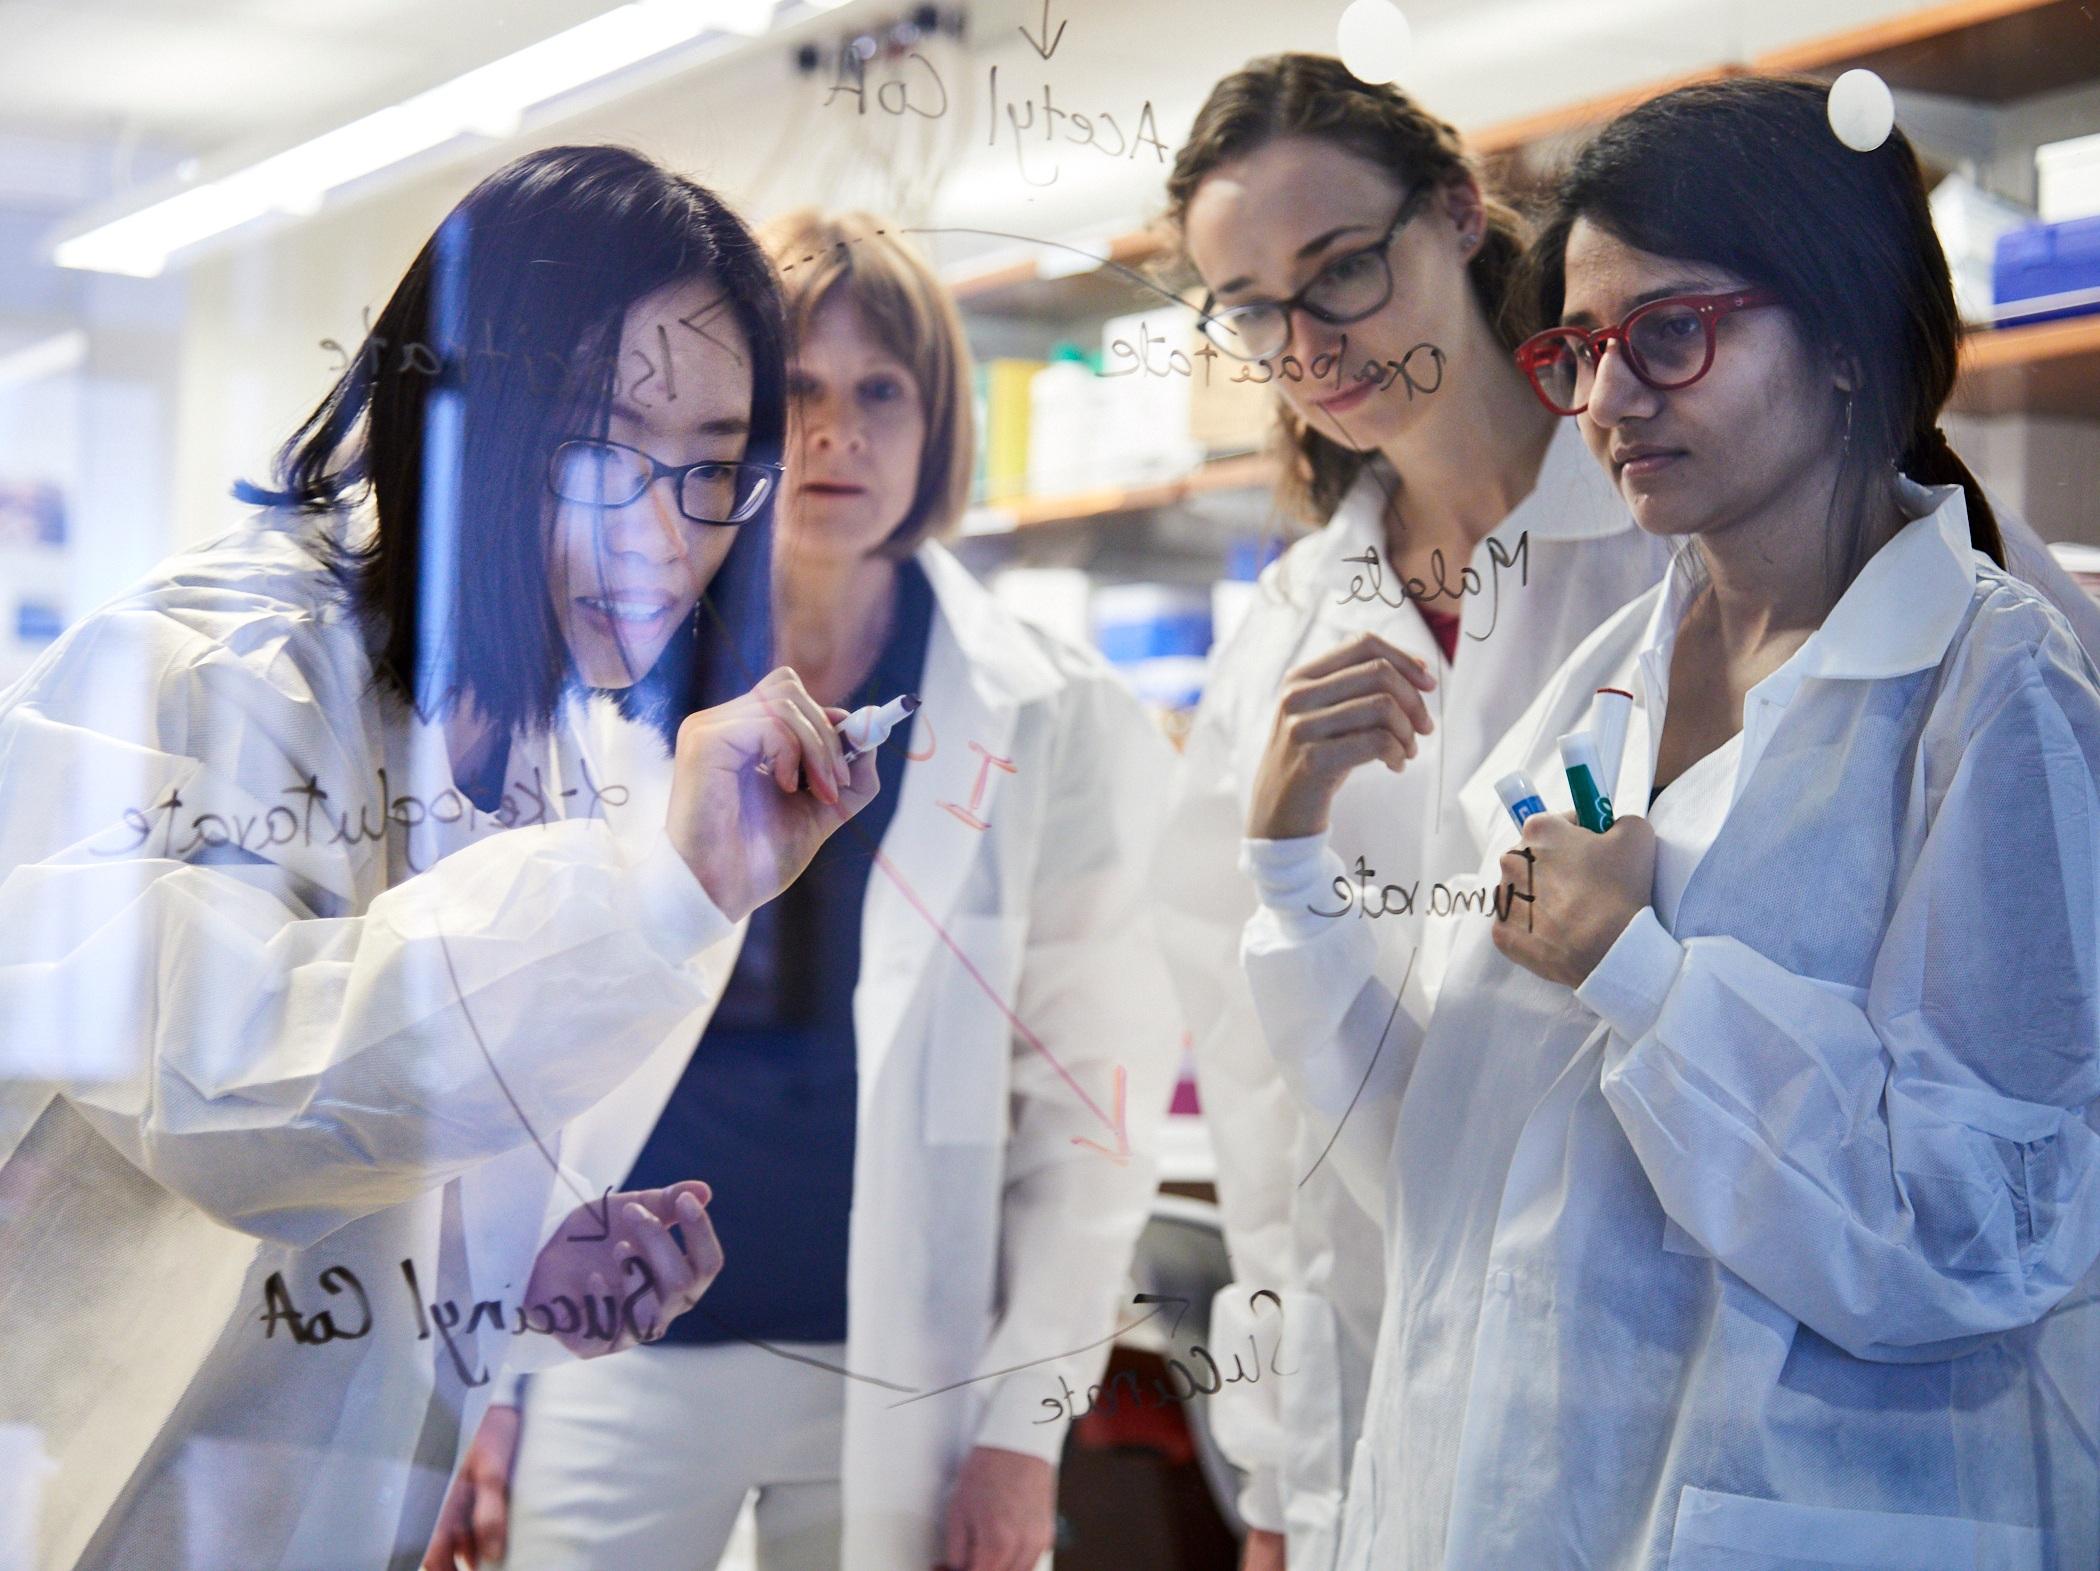 women_in_science.jpg